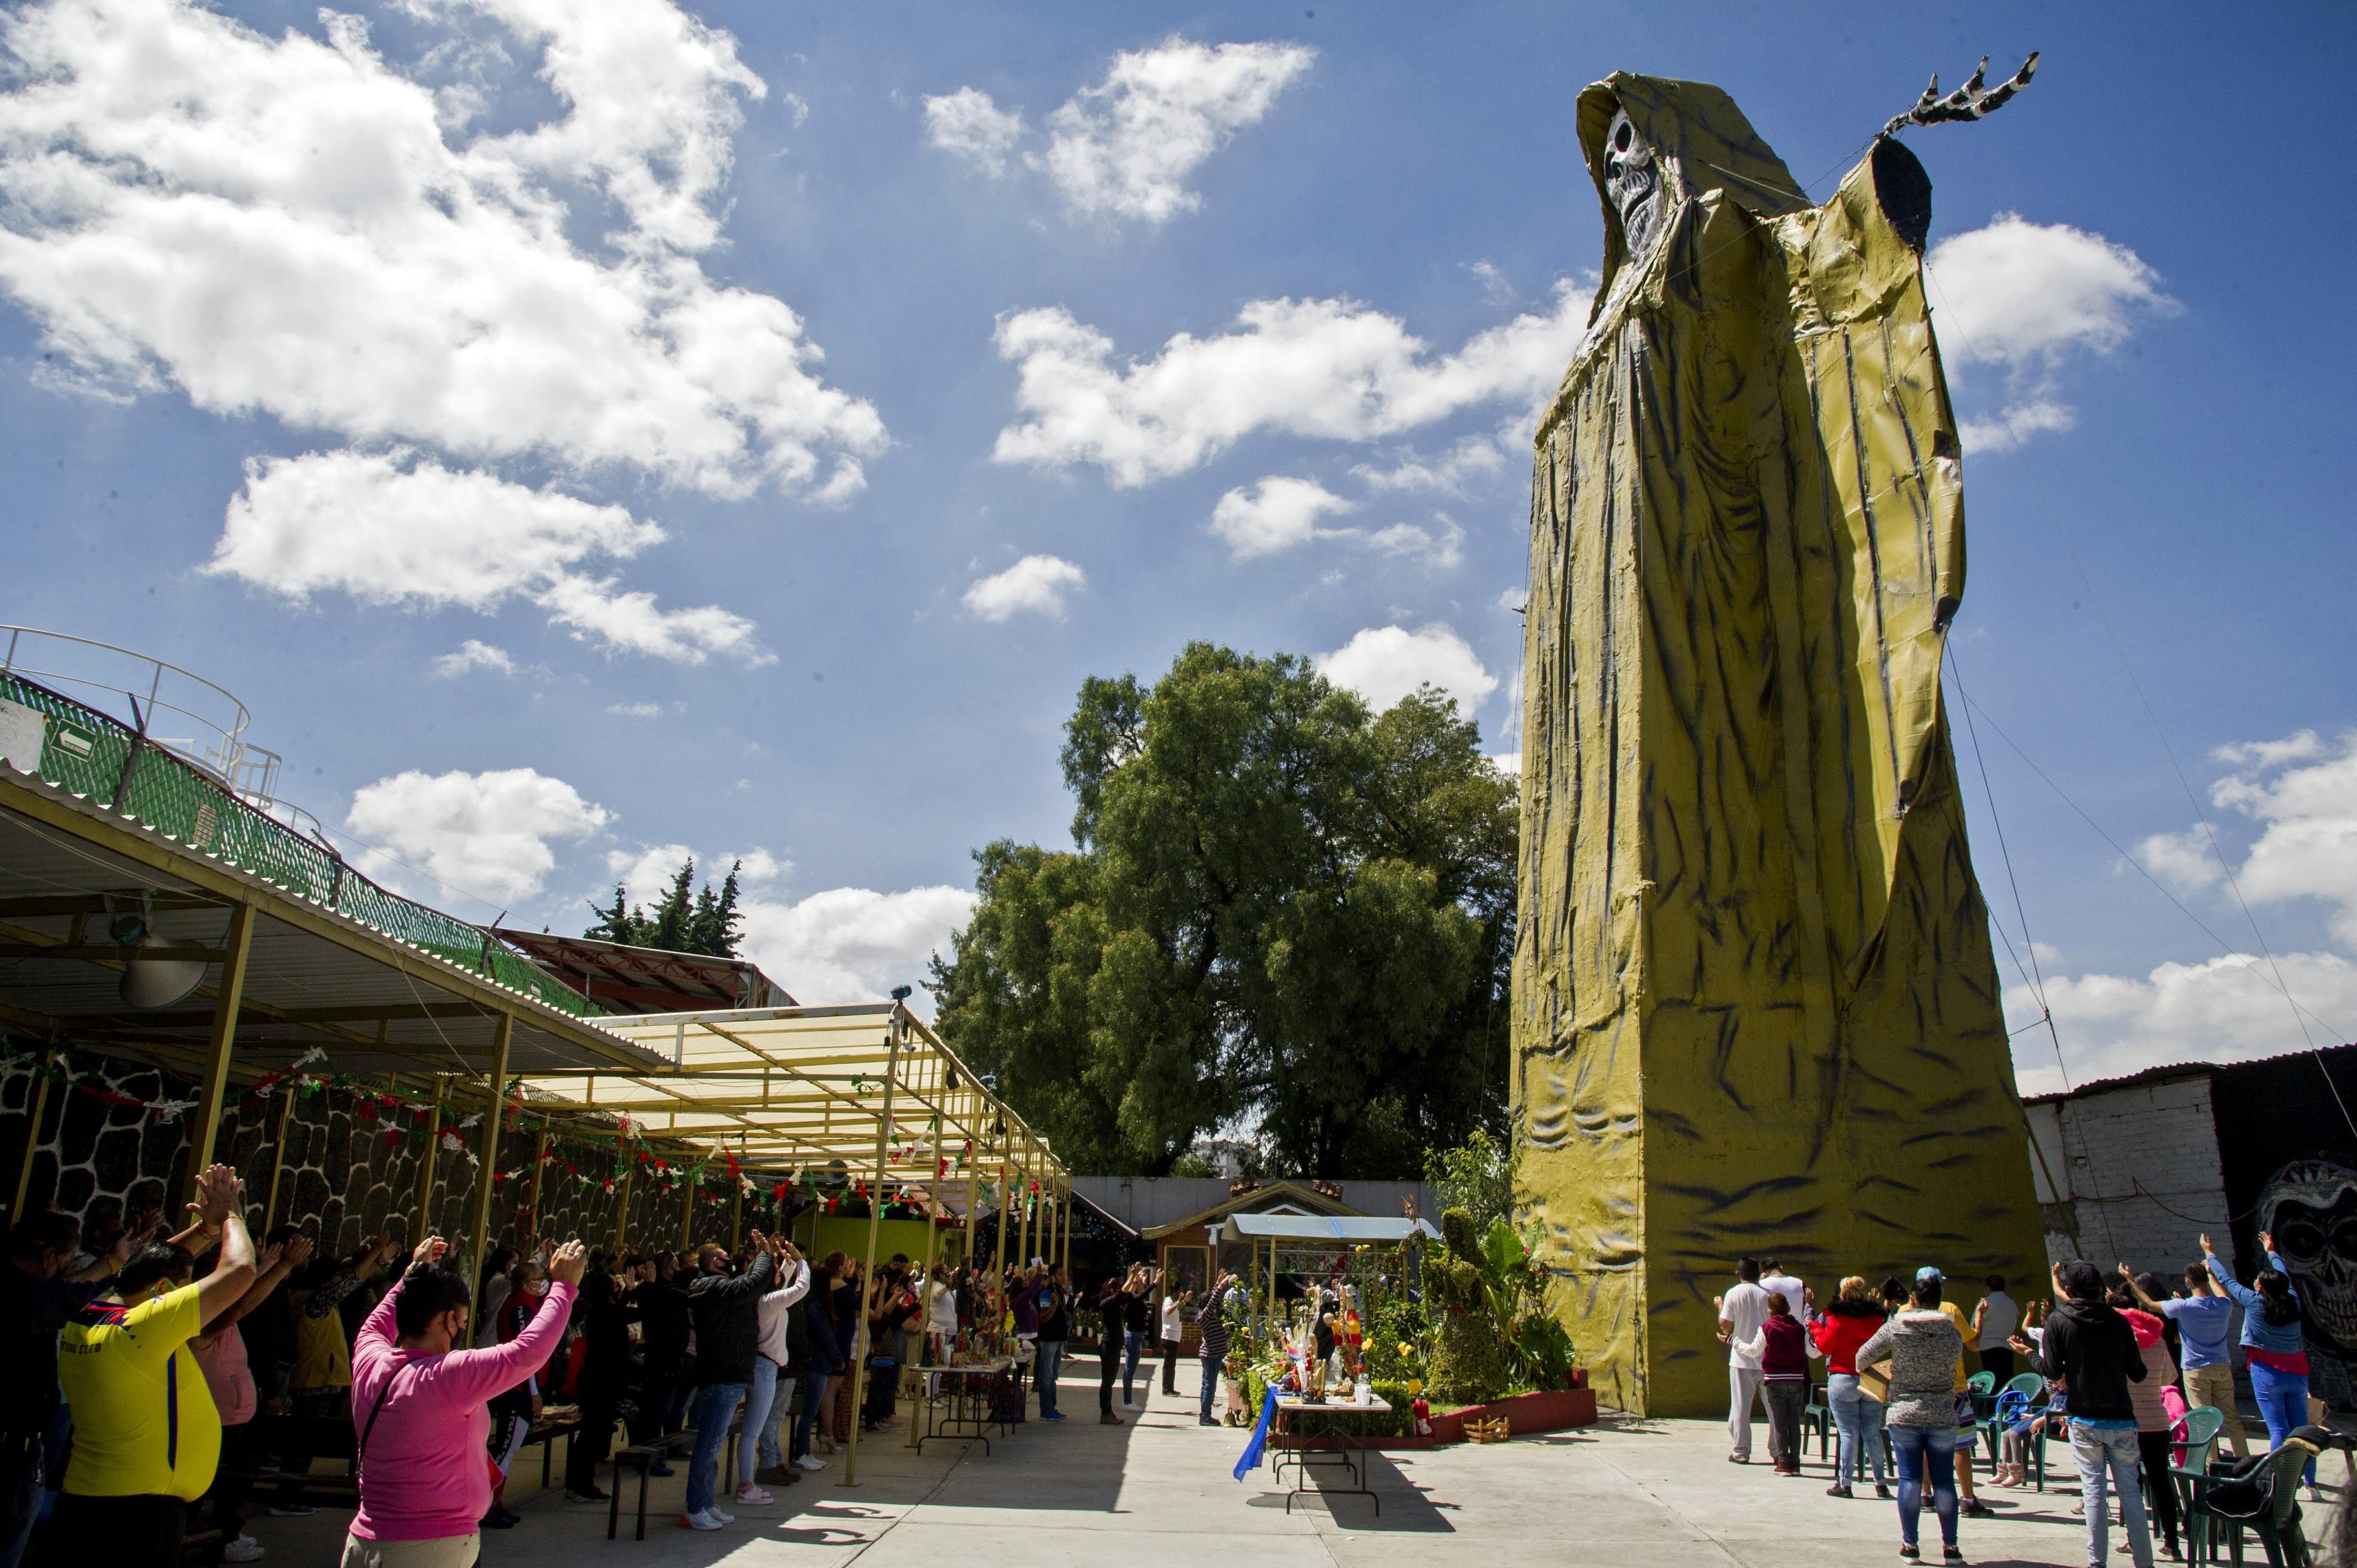 Los devotos levantan los brazos junto a una figura de la Santa Muerte de 22 metros de altura durante una ceremonia en el Santuario Internacional de la Santa Muerte en el municipio de Tultitlán, Estado de México, México, el 4 de octubre de 2020